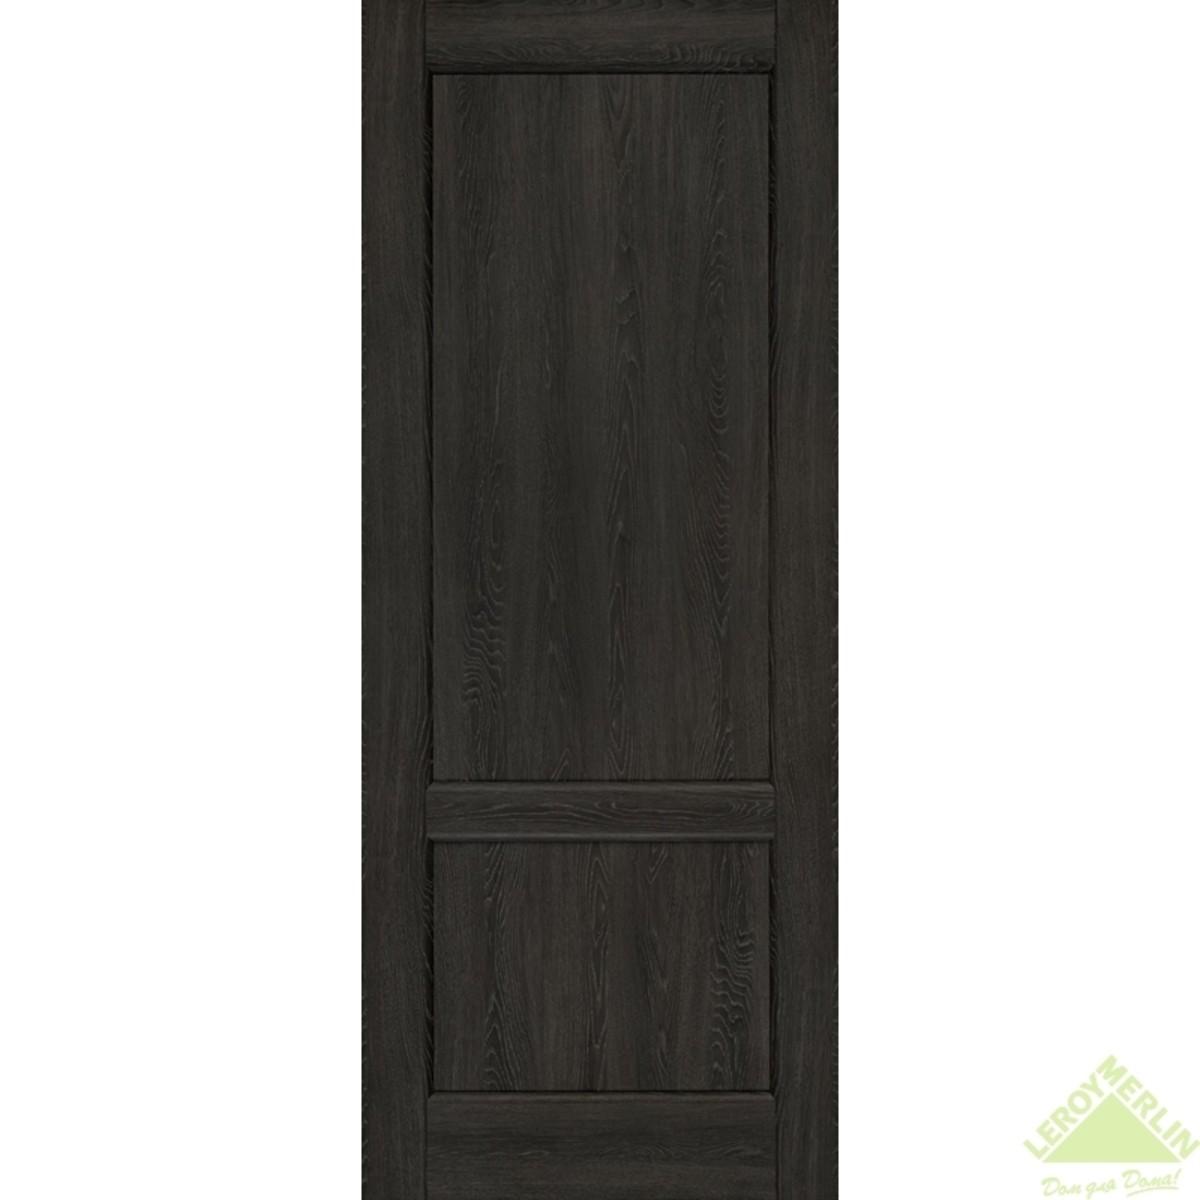 Дверное полотно глухое Палермо CPL 900x2000 мм серый дуб